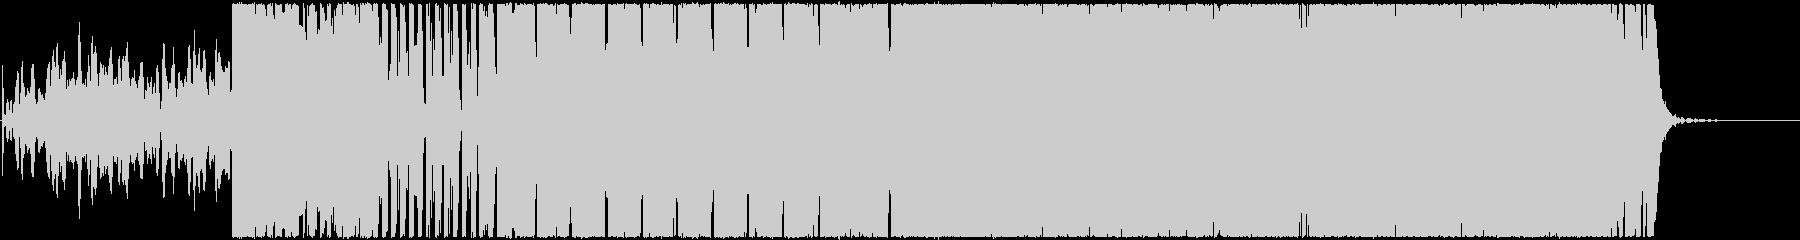 和テイストなデジタルロックの未再生の波形